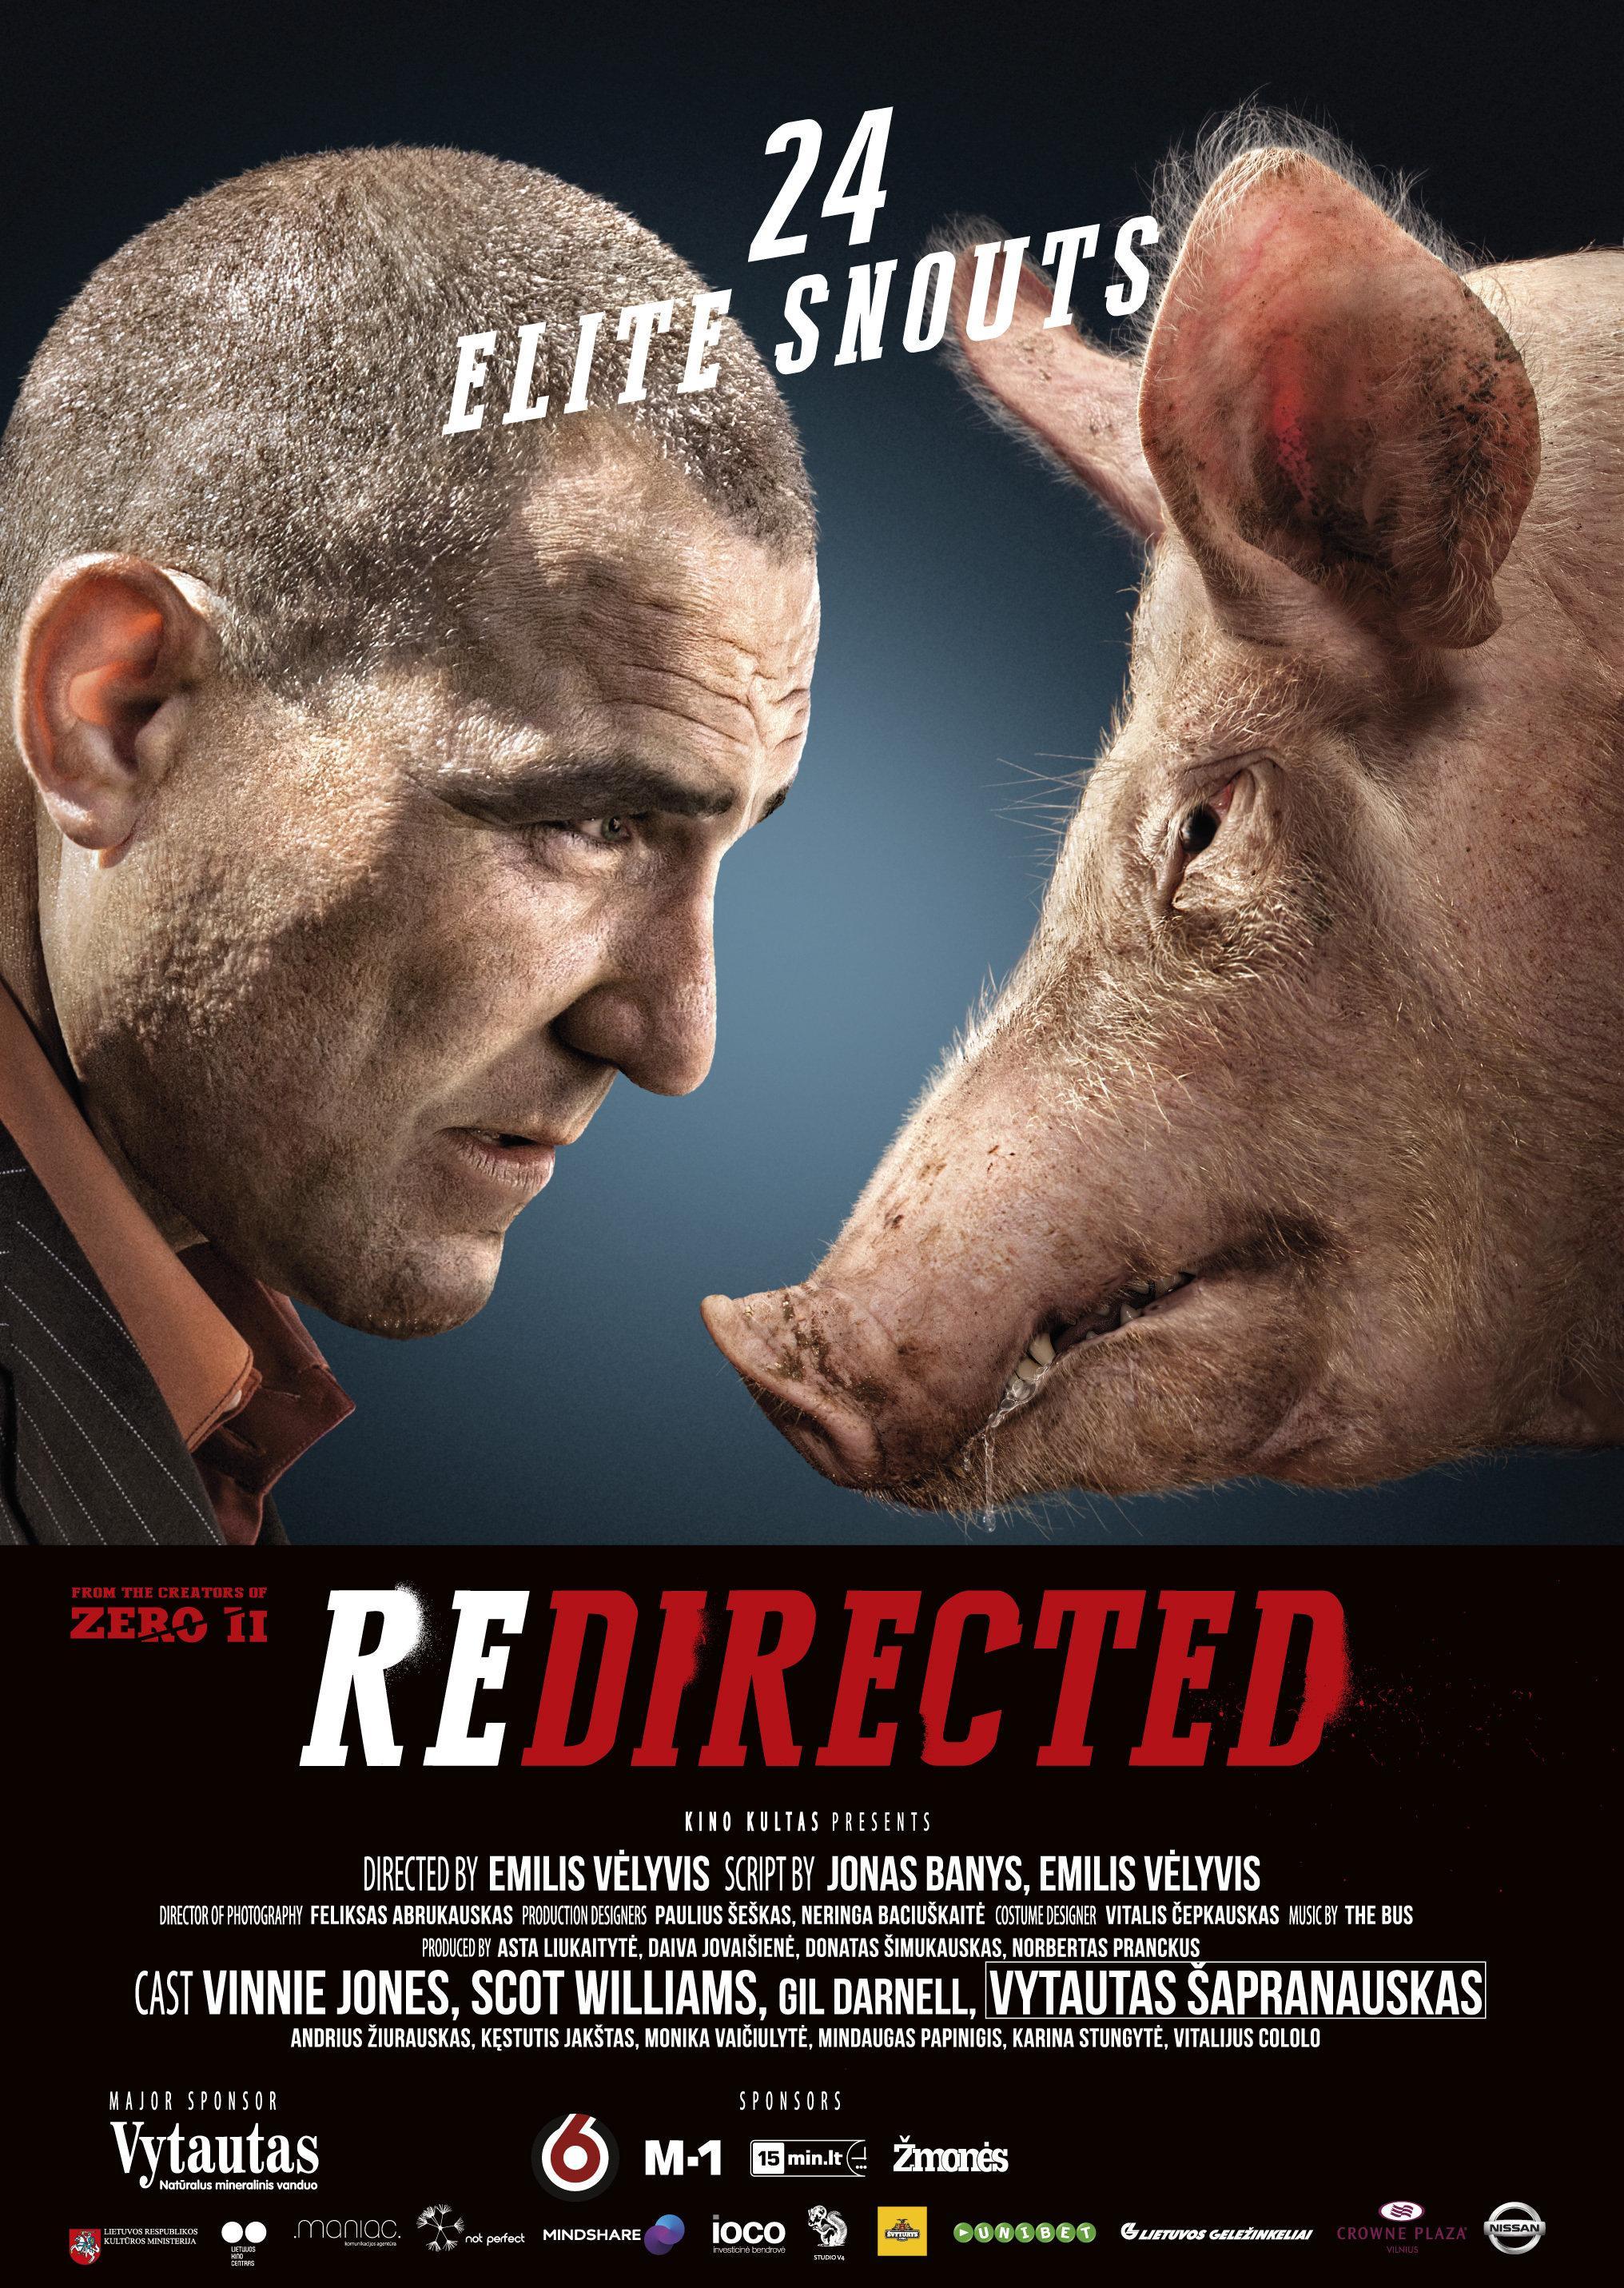 გადამისამართებულები (ქართულად) - Redirected / Перенаправленный (2014)